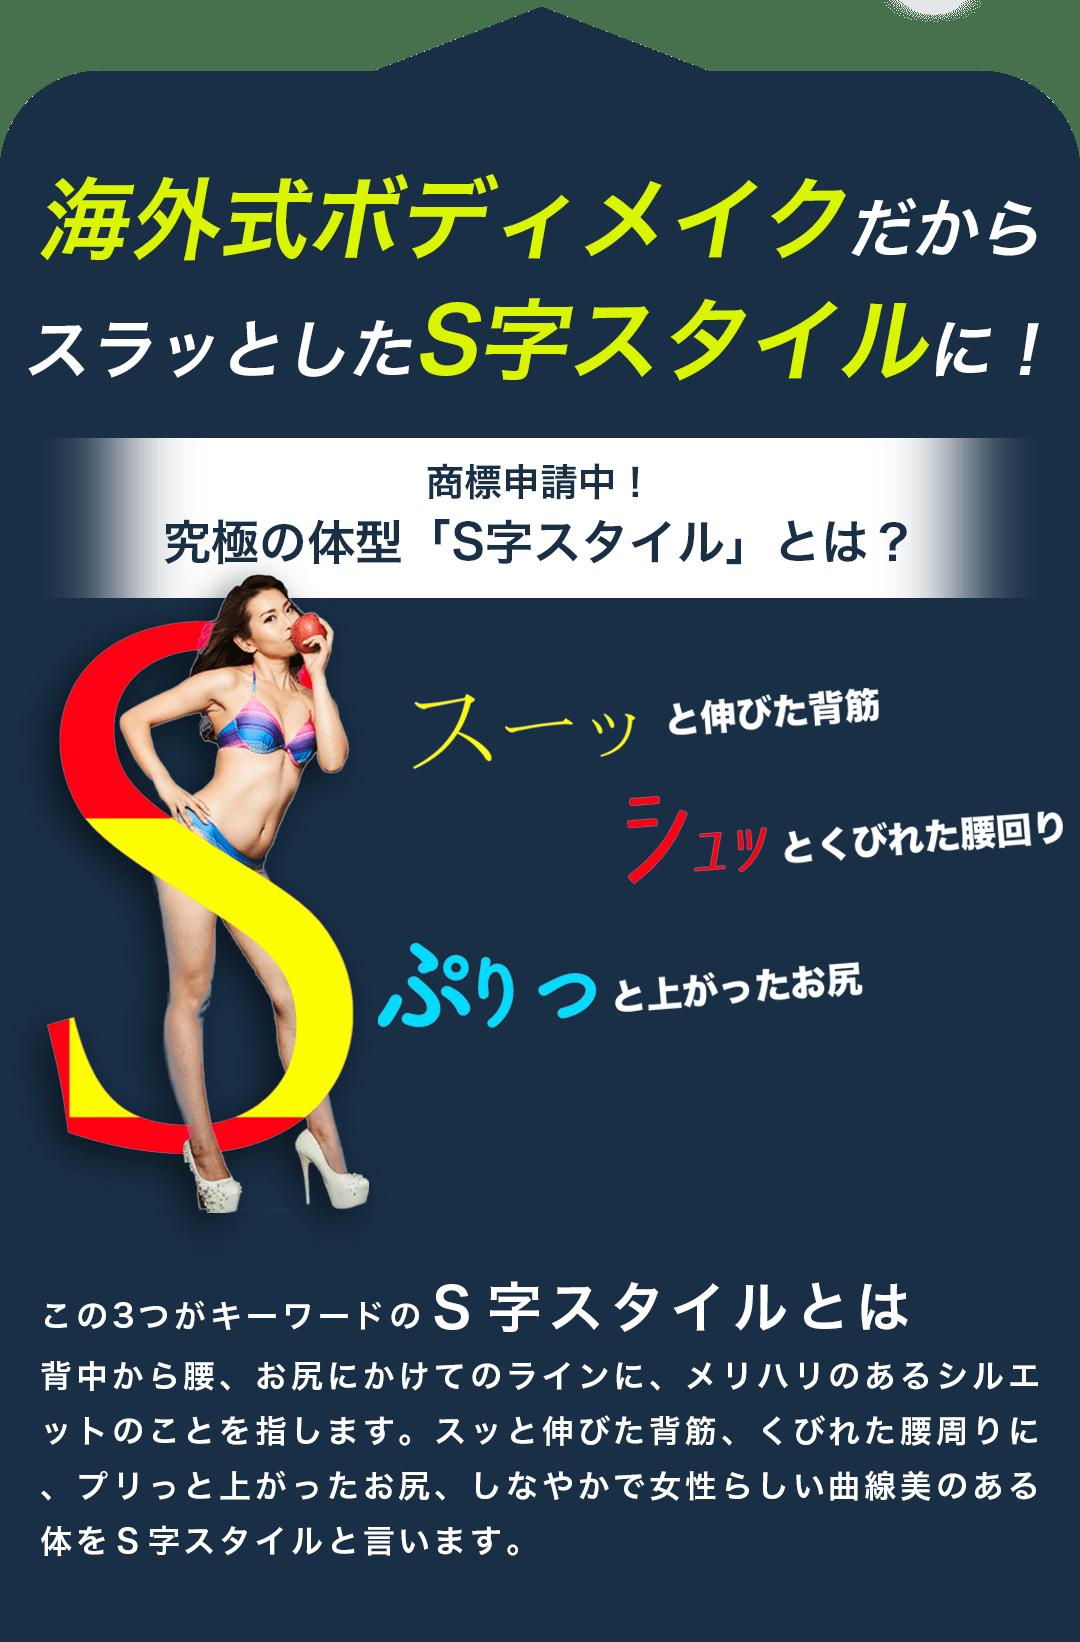 究極の体型、S字スタイルとは?